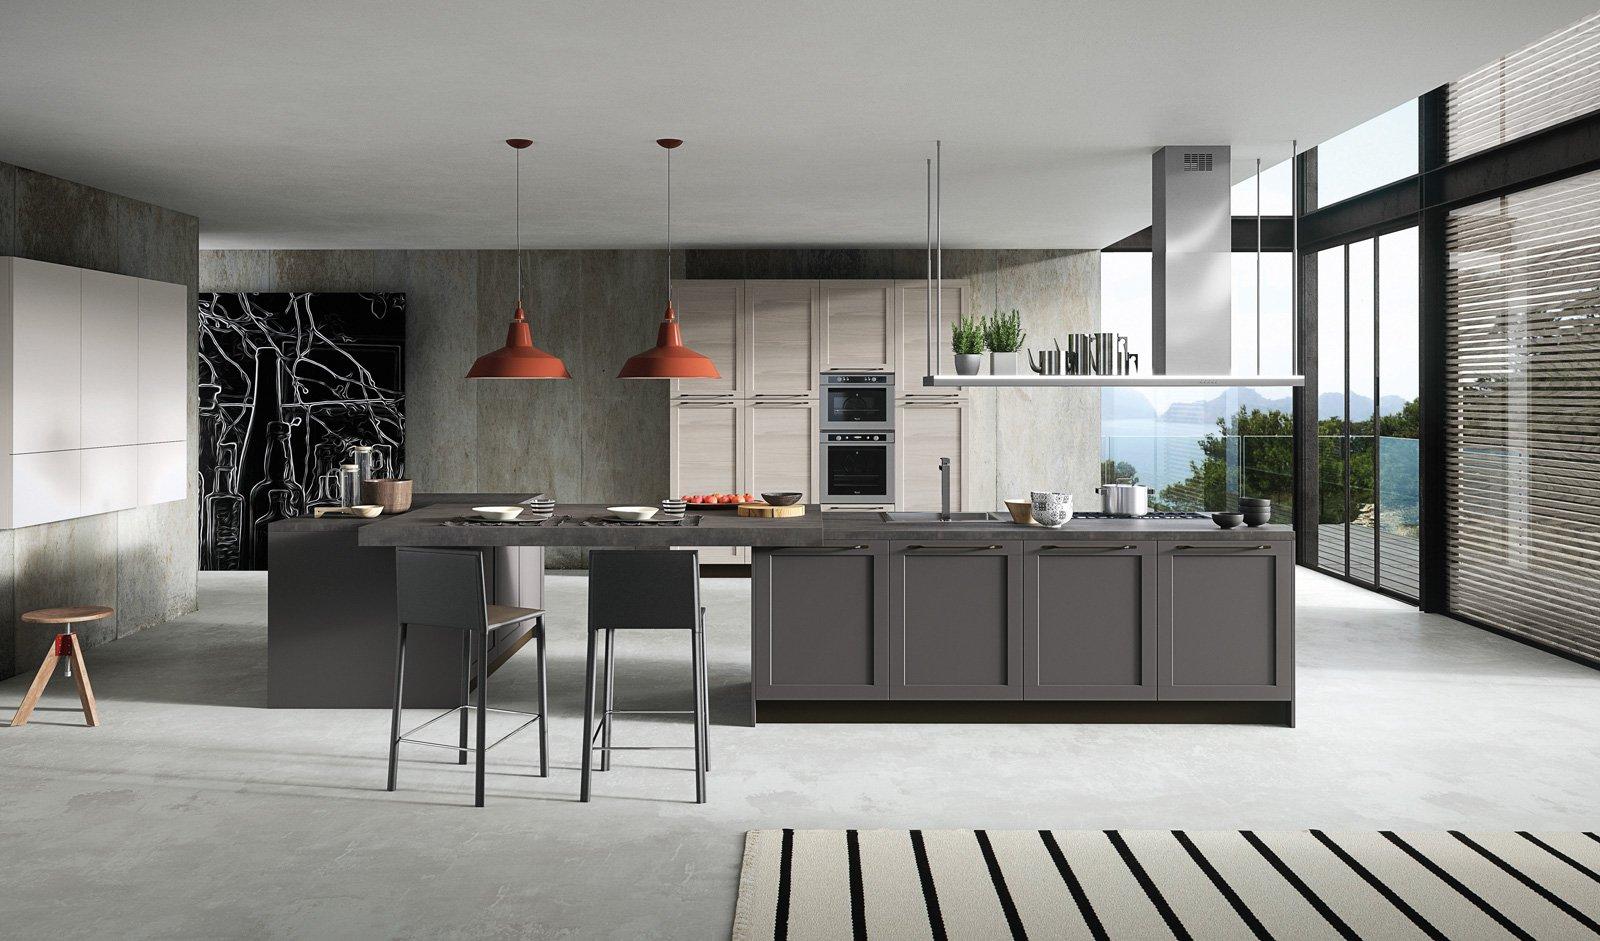 Cucine con ante riquadrate o a telaio cose di casa - Arredo 3 cucine ...